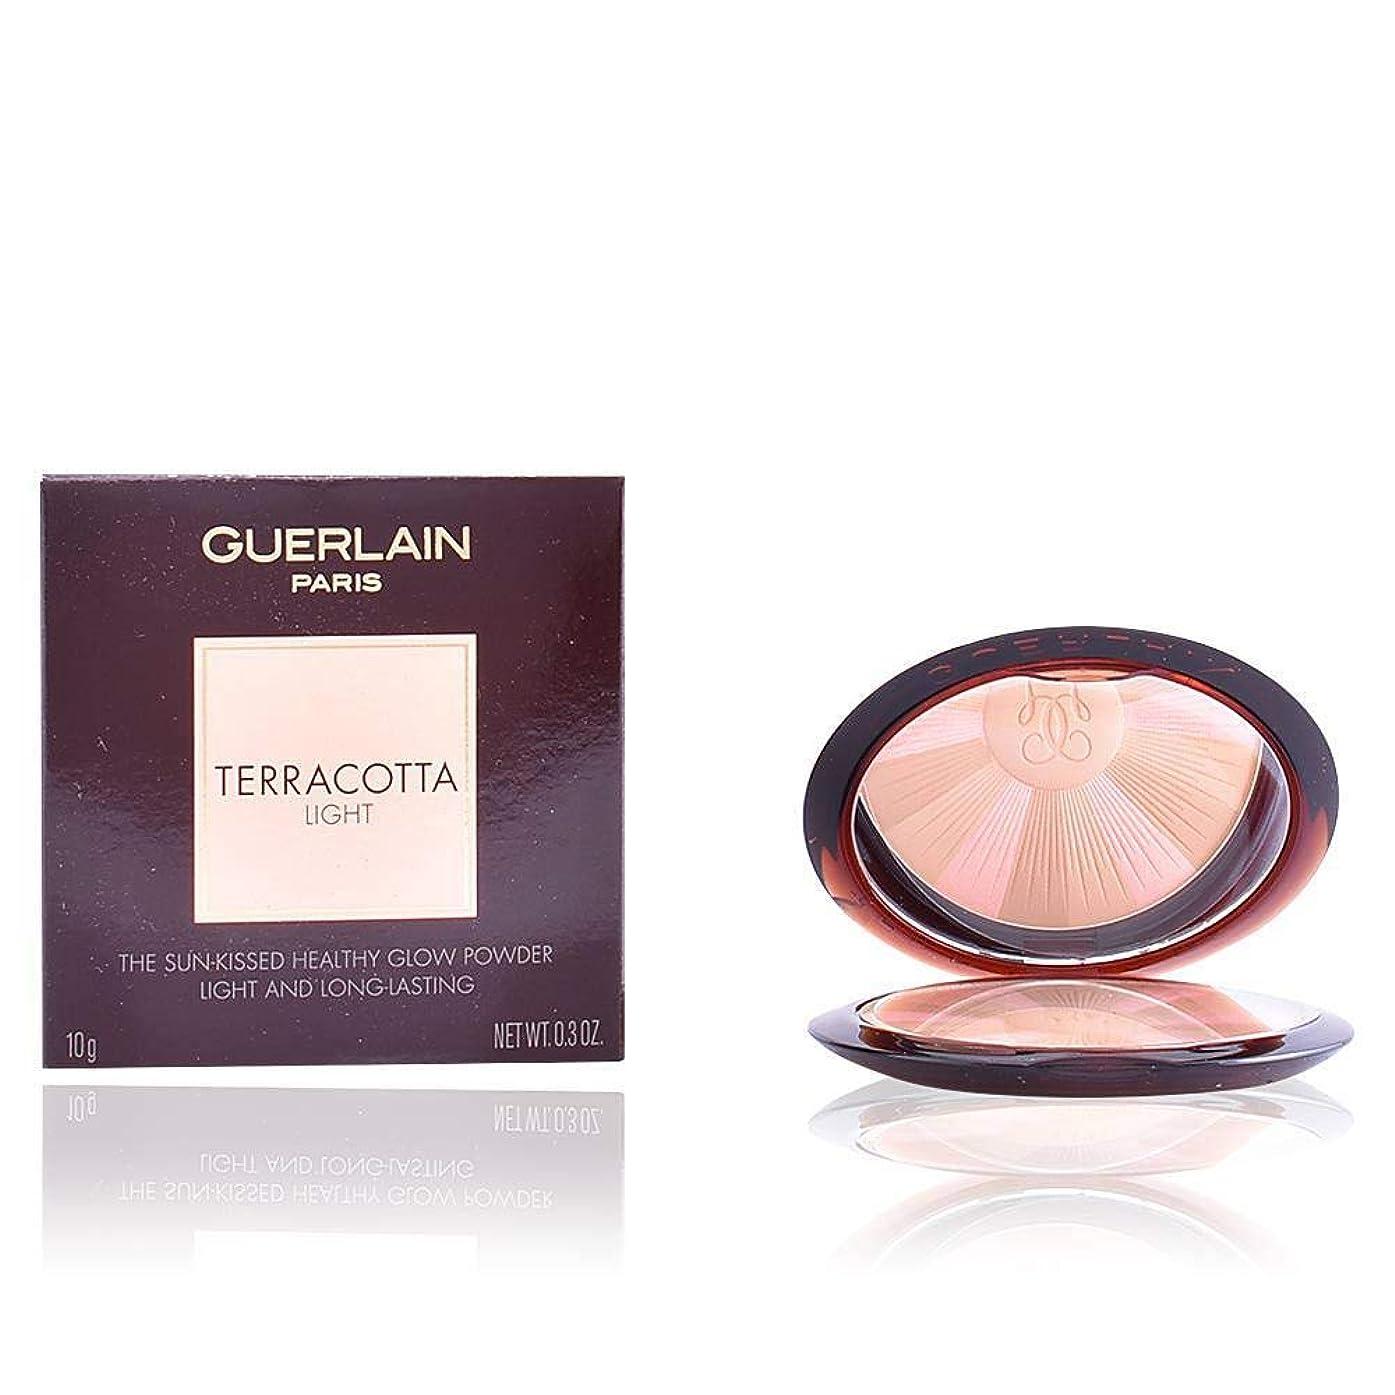 パイロットサスペンション選出するゲラン Terracotta Light The Sun Kissed Healthy Glow Powder - # 03 Natural Warm 10g/0.3oz並行輸入品